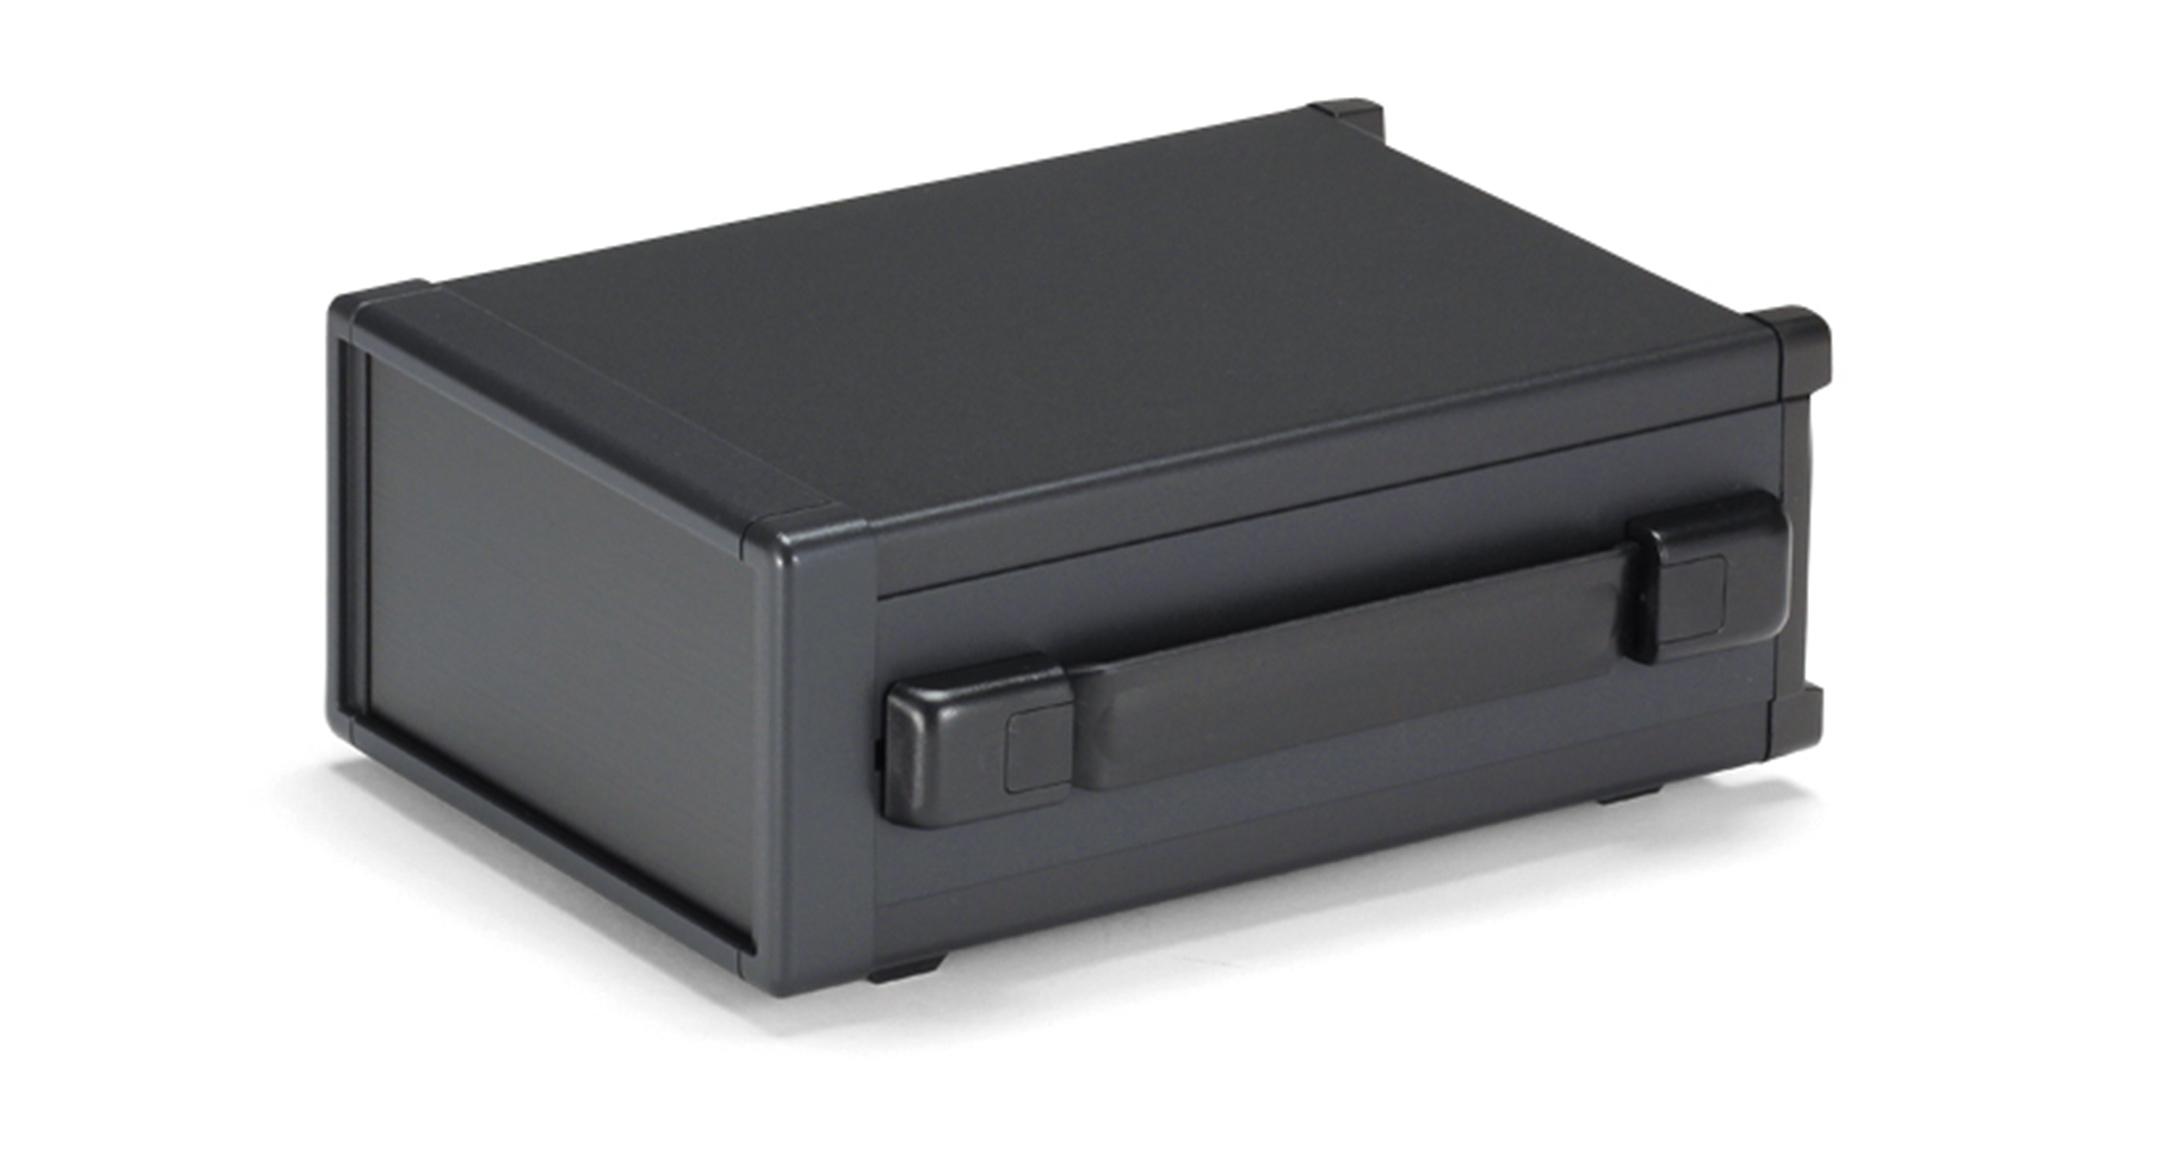 バンド取手付アルミシステムケース MOYシリーズ(上下カバーアルミ製):ブラック/ブラックの画像